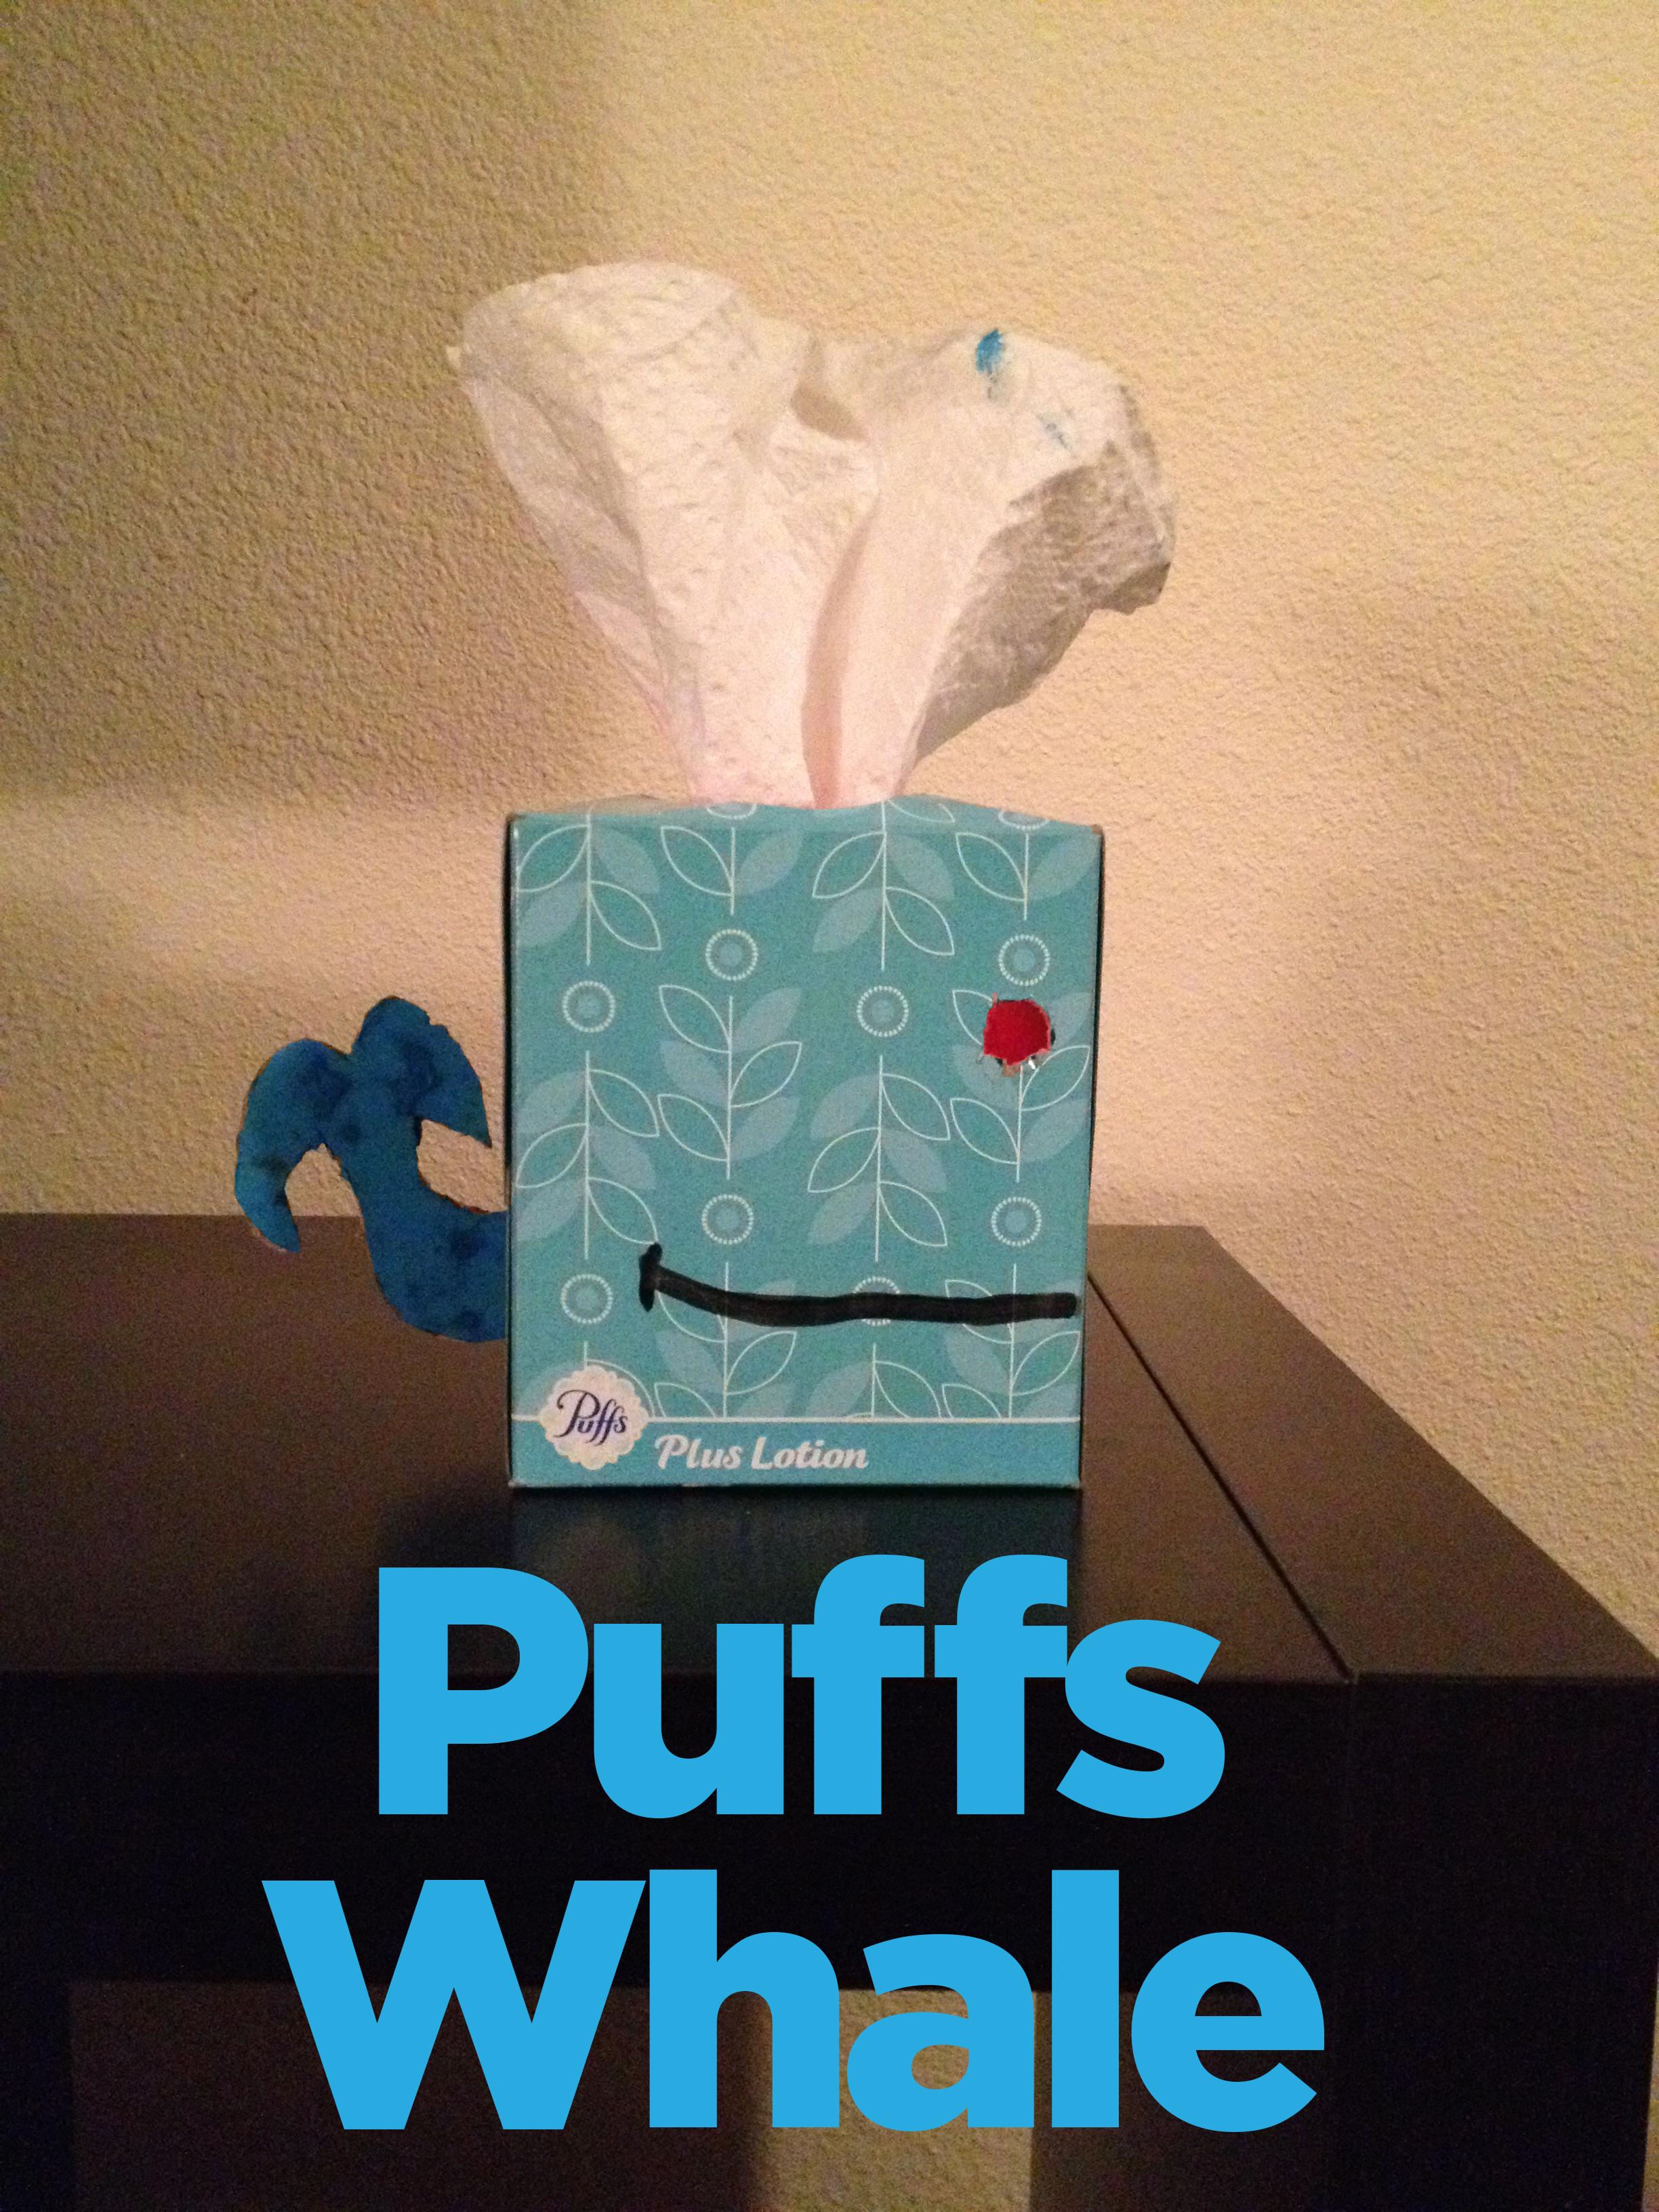 Puffs whale